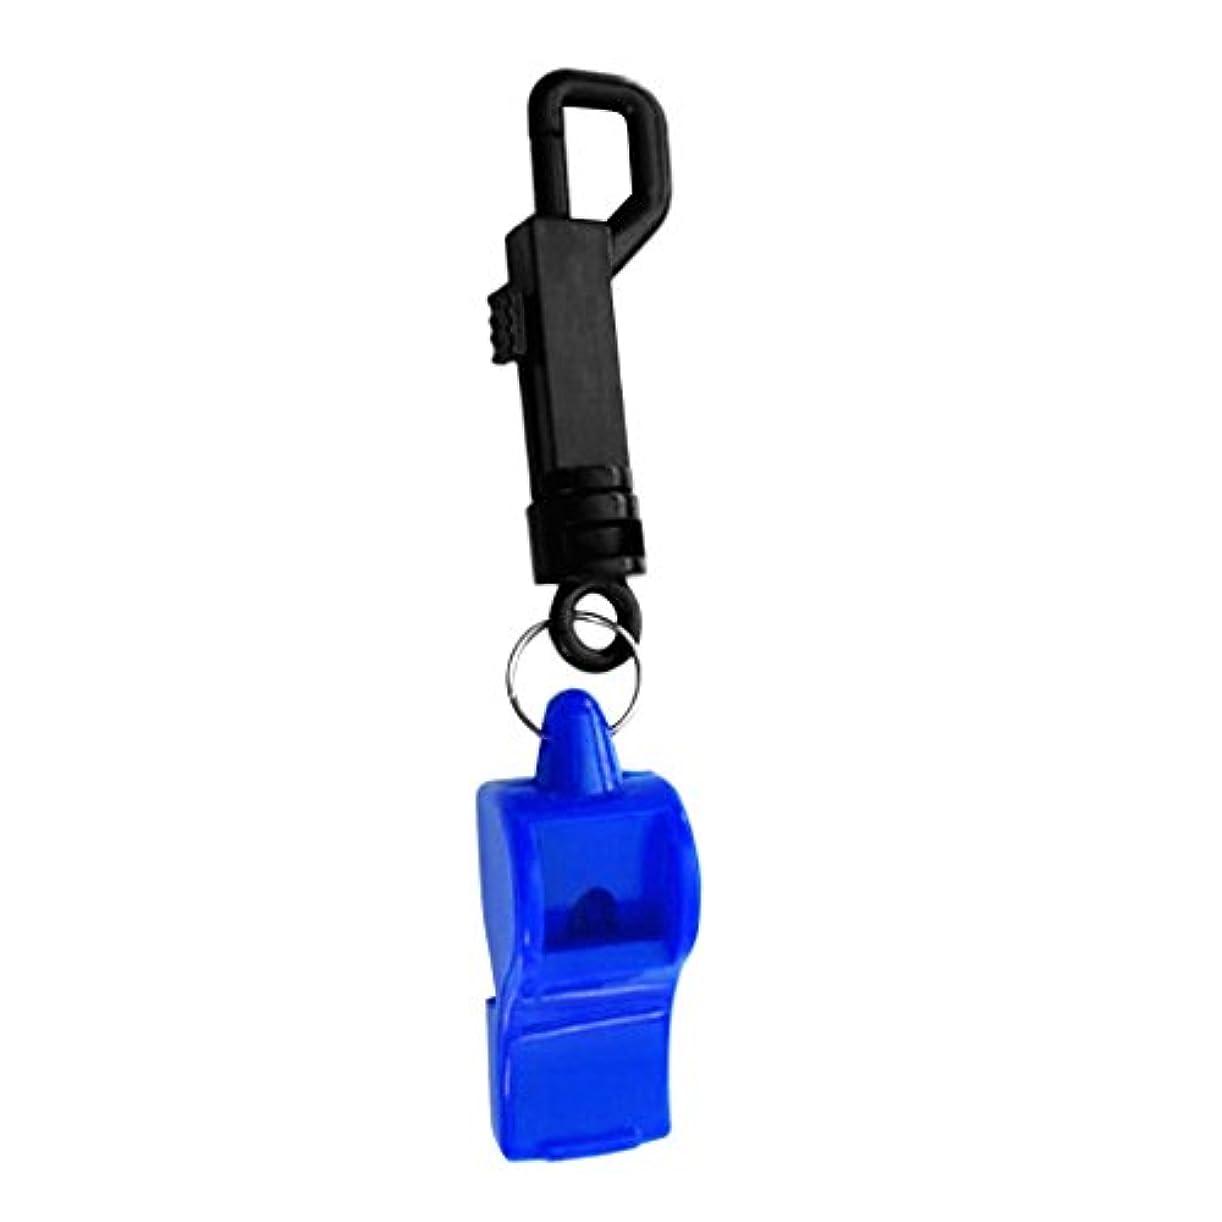 誰でも良心潤滑するBaoblaze 小型 持ち運び ABSプラスチック ホイッスル 呼子 スナップ クリップ付き スキューバ ダイビング用 全6色